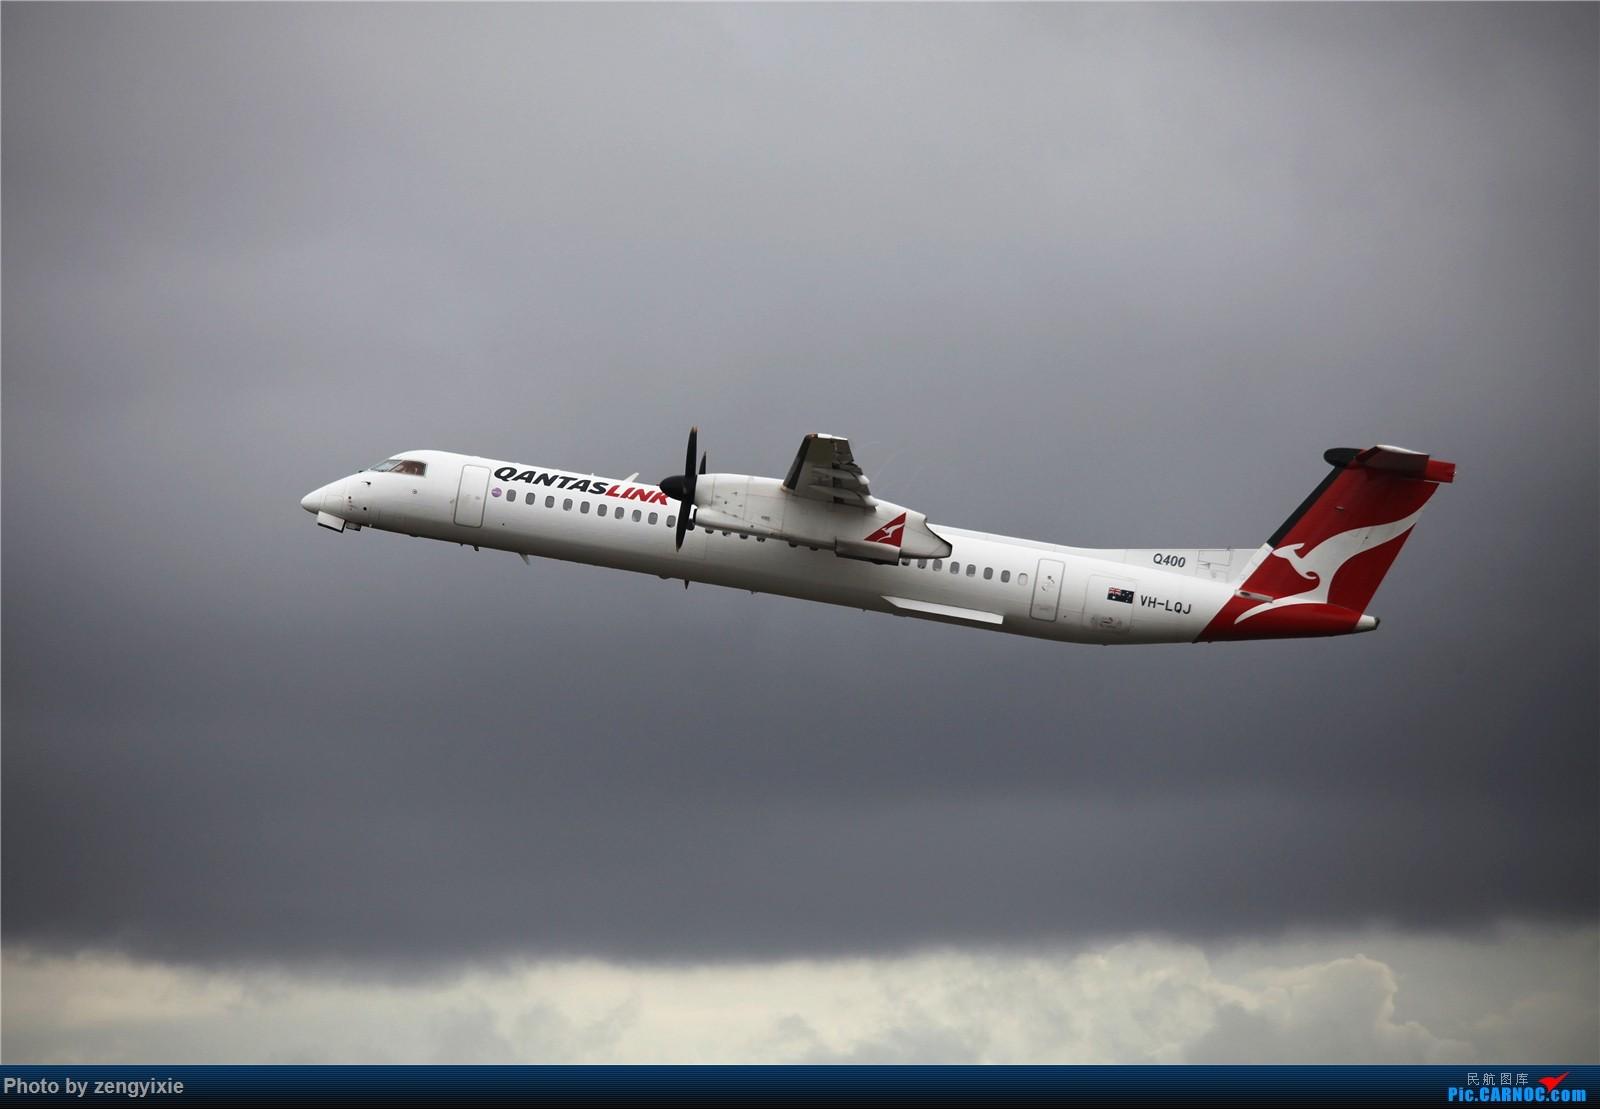 Re:[原创]清晨的悉尼国际降落狂潮 庞巴迪Q400 DASH 8 VH-LQJ 澳大利亚悉尼金斯福德·史密斯机场